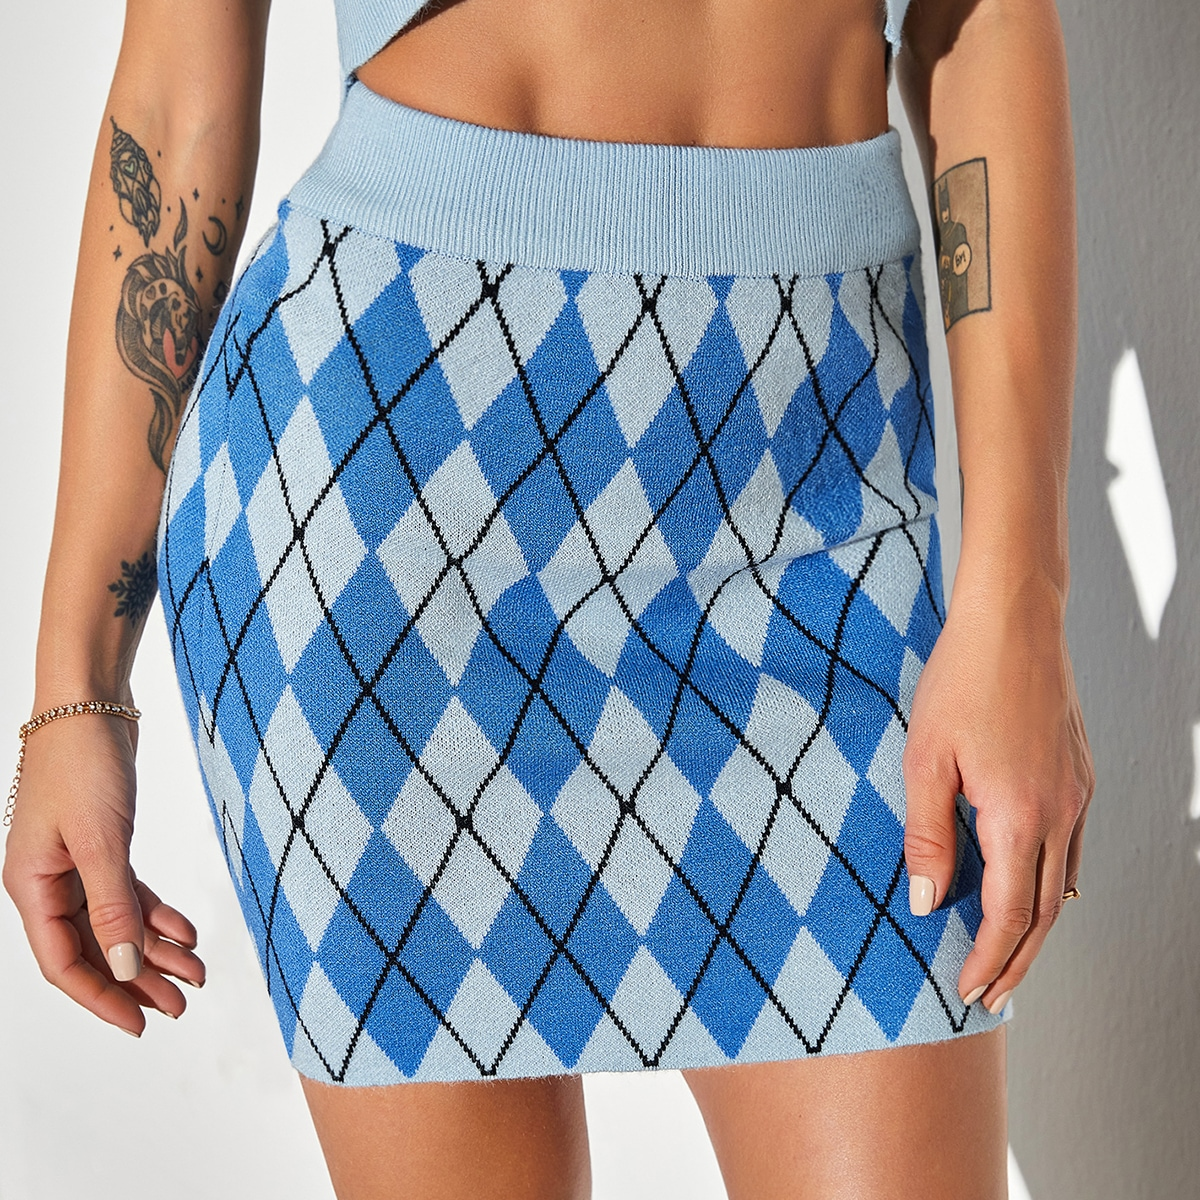 Геометрический принт институтский вязаные юбки